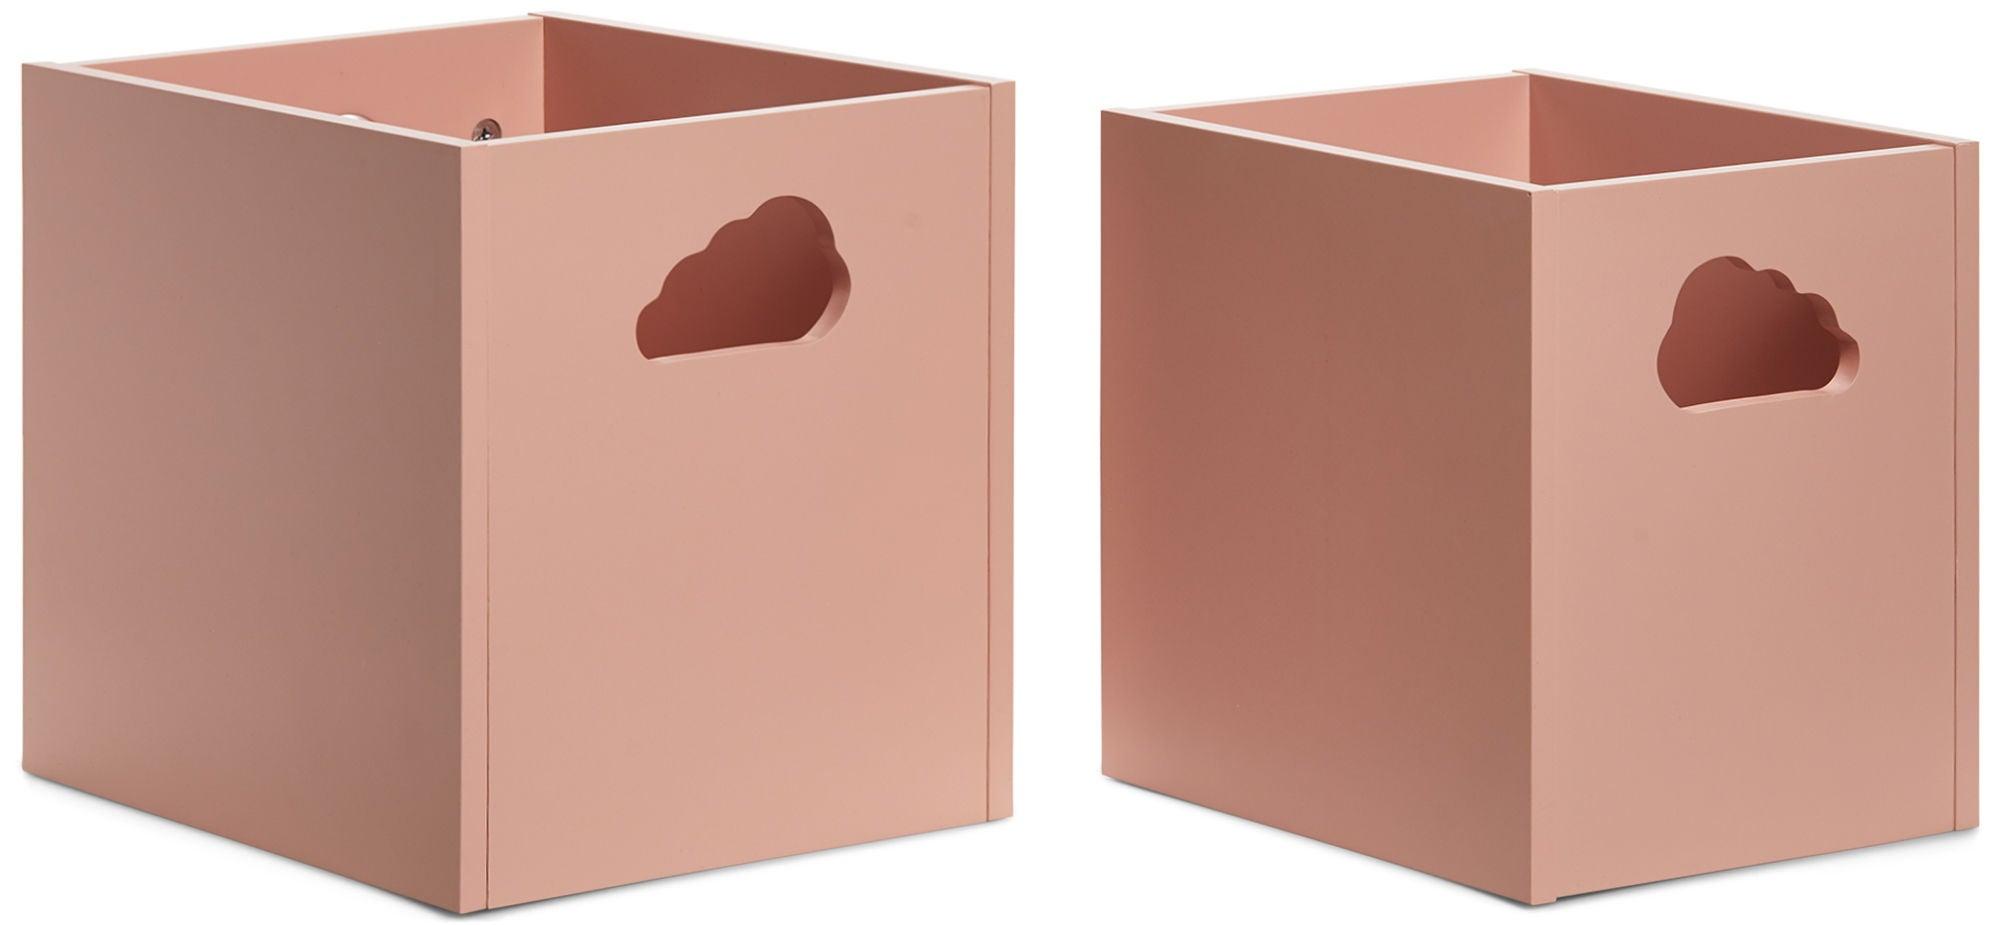 Alice & Fox Alicia Säilytyslaatikot, Vaaleanpunainen